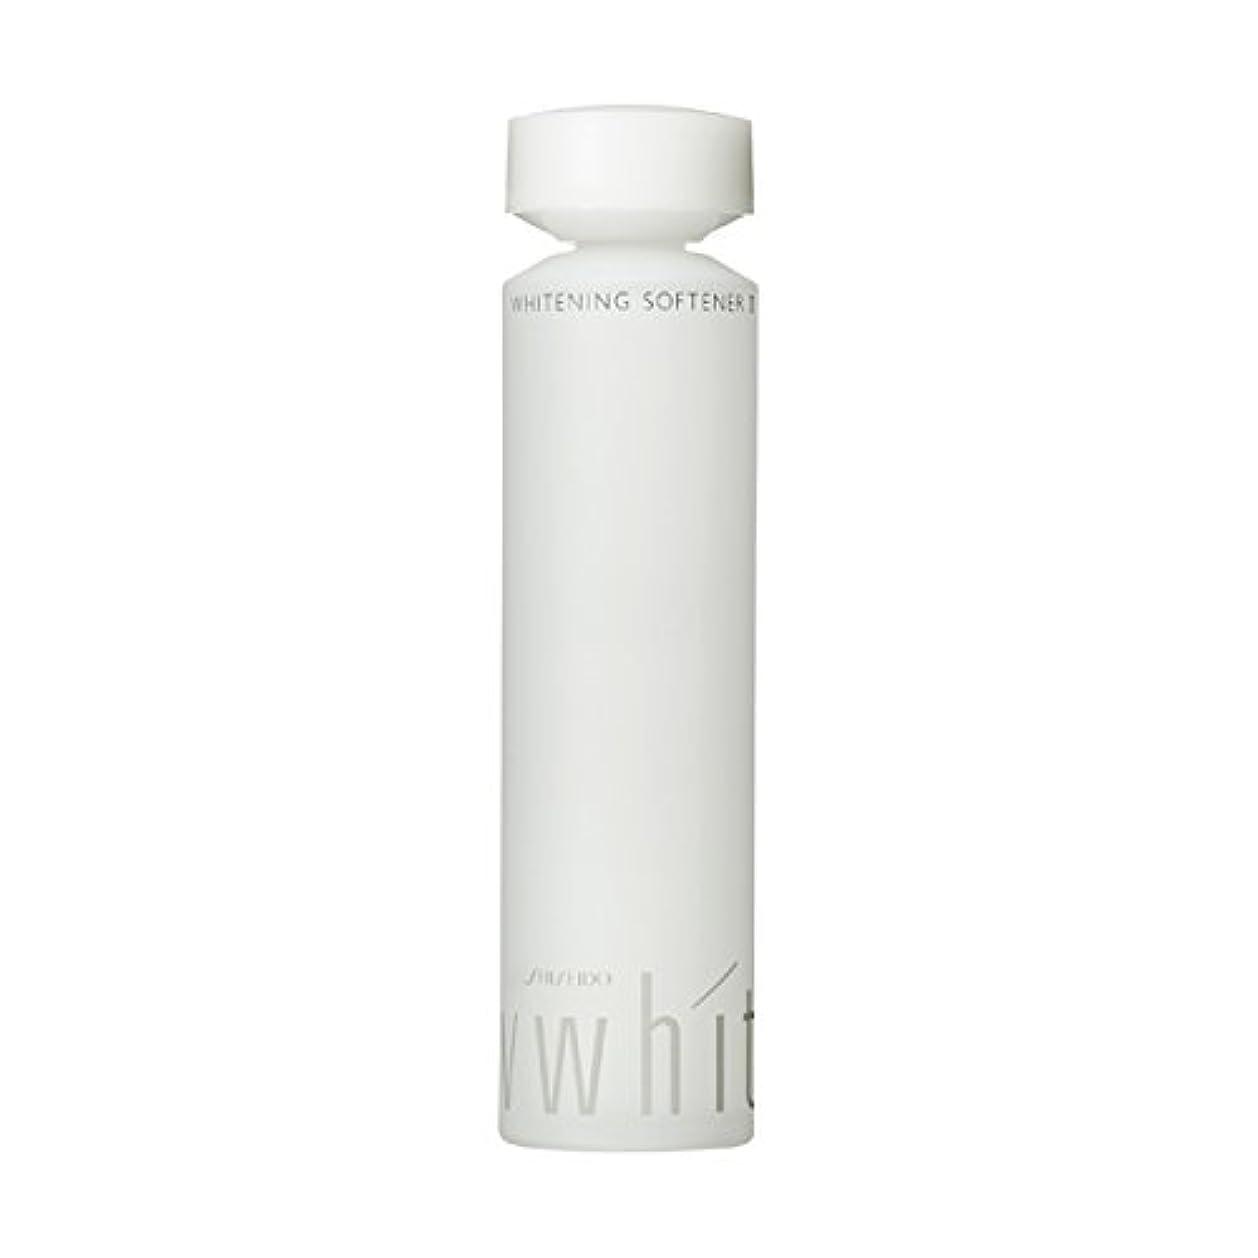 抵抗する専門知識順番UVホワイト ホワイトニング ソフナー 2 150mL [医薬部外品]